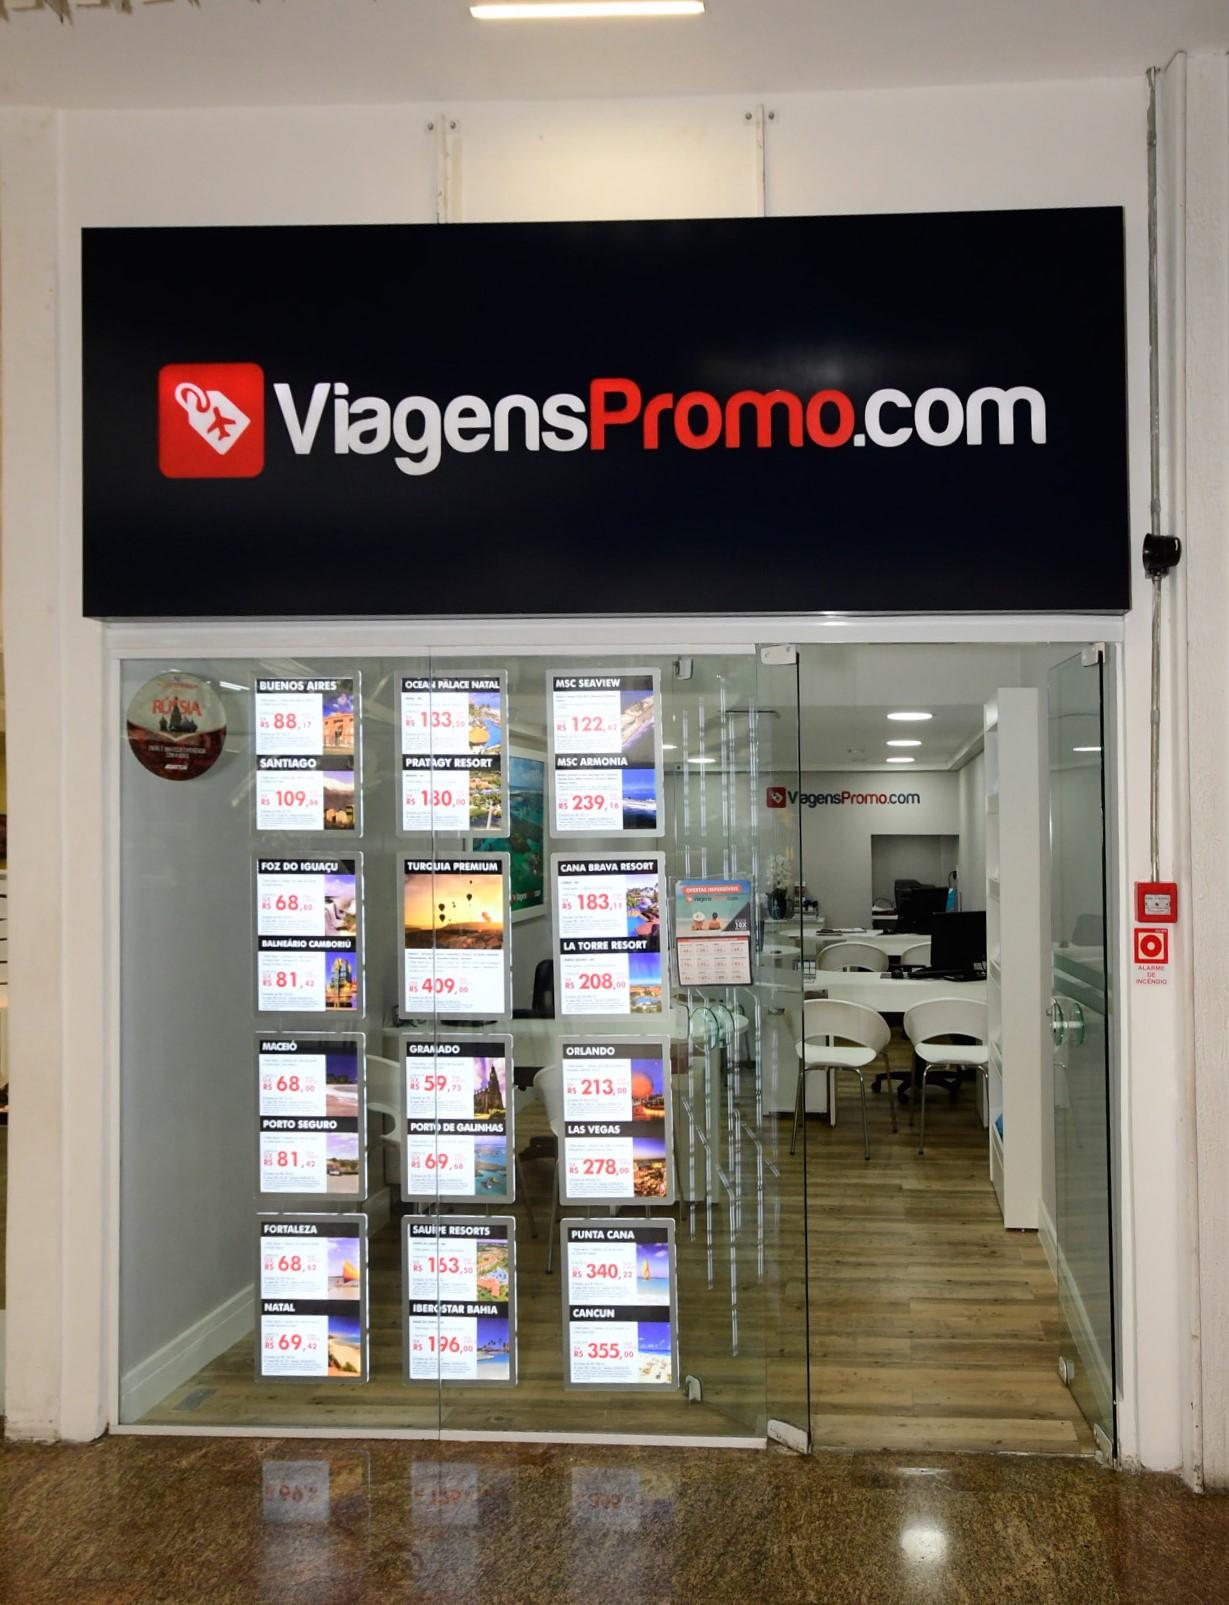 Viagens Promo.com